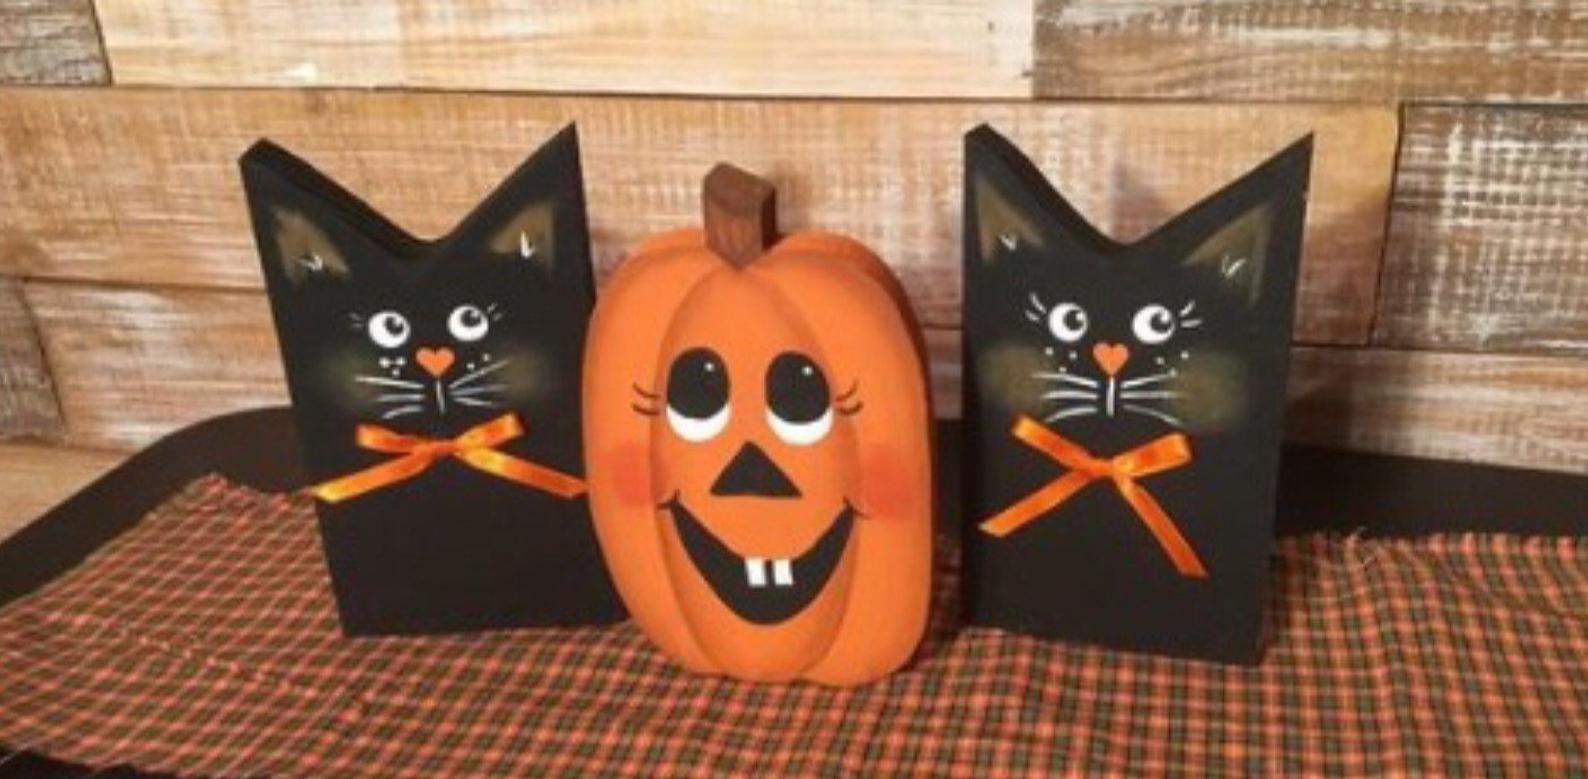 Halloween decor. Halloween cats and pumpkin. Handm